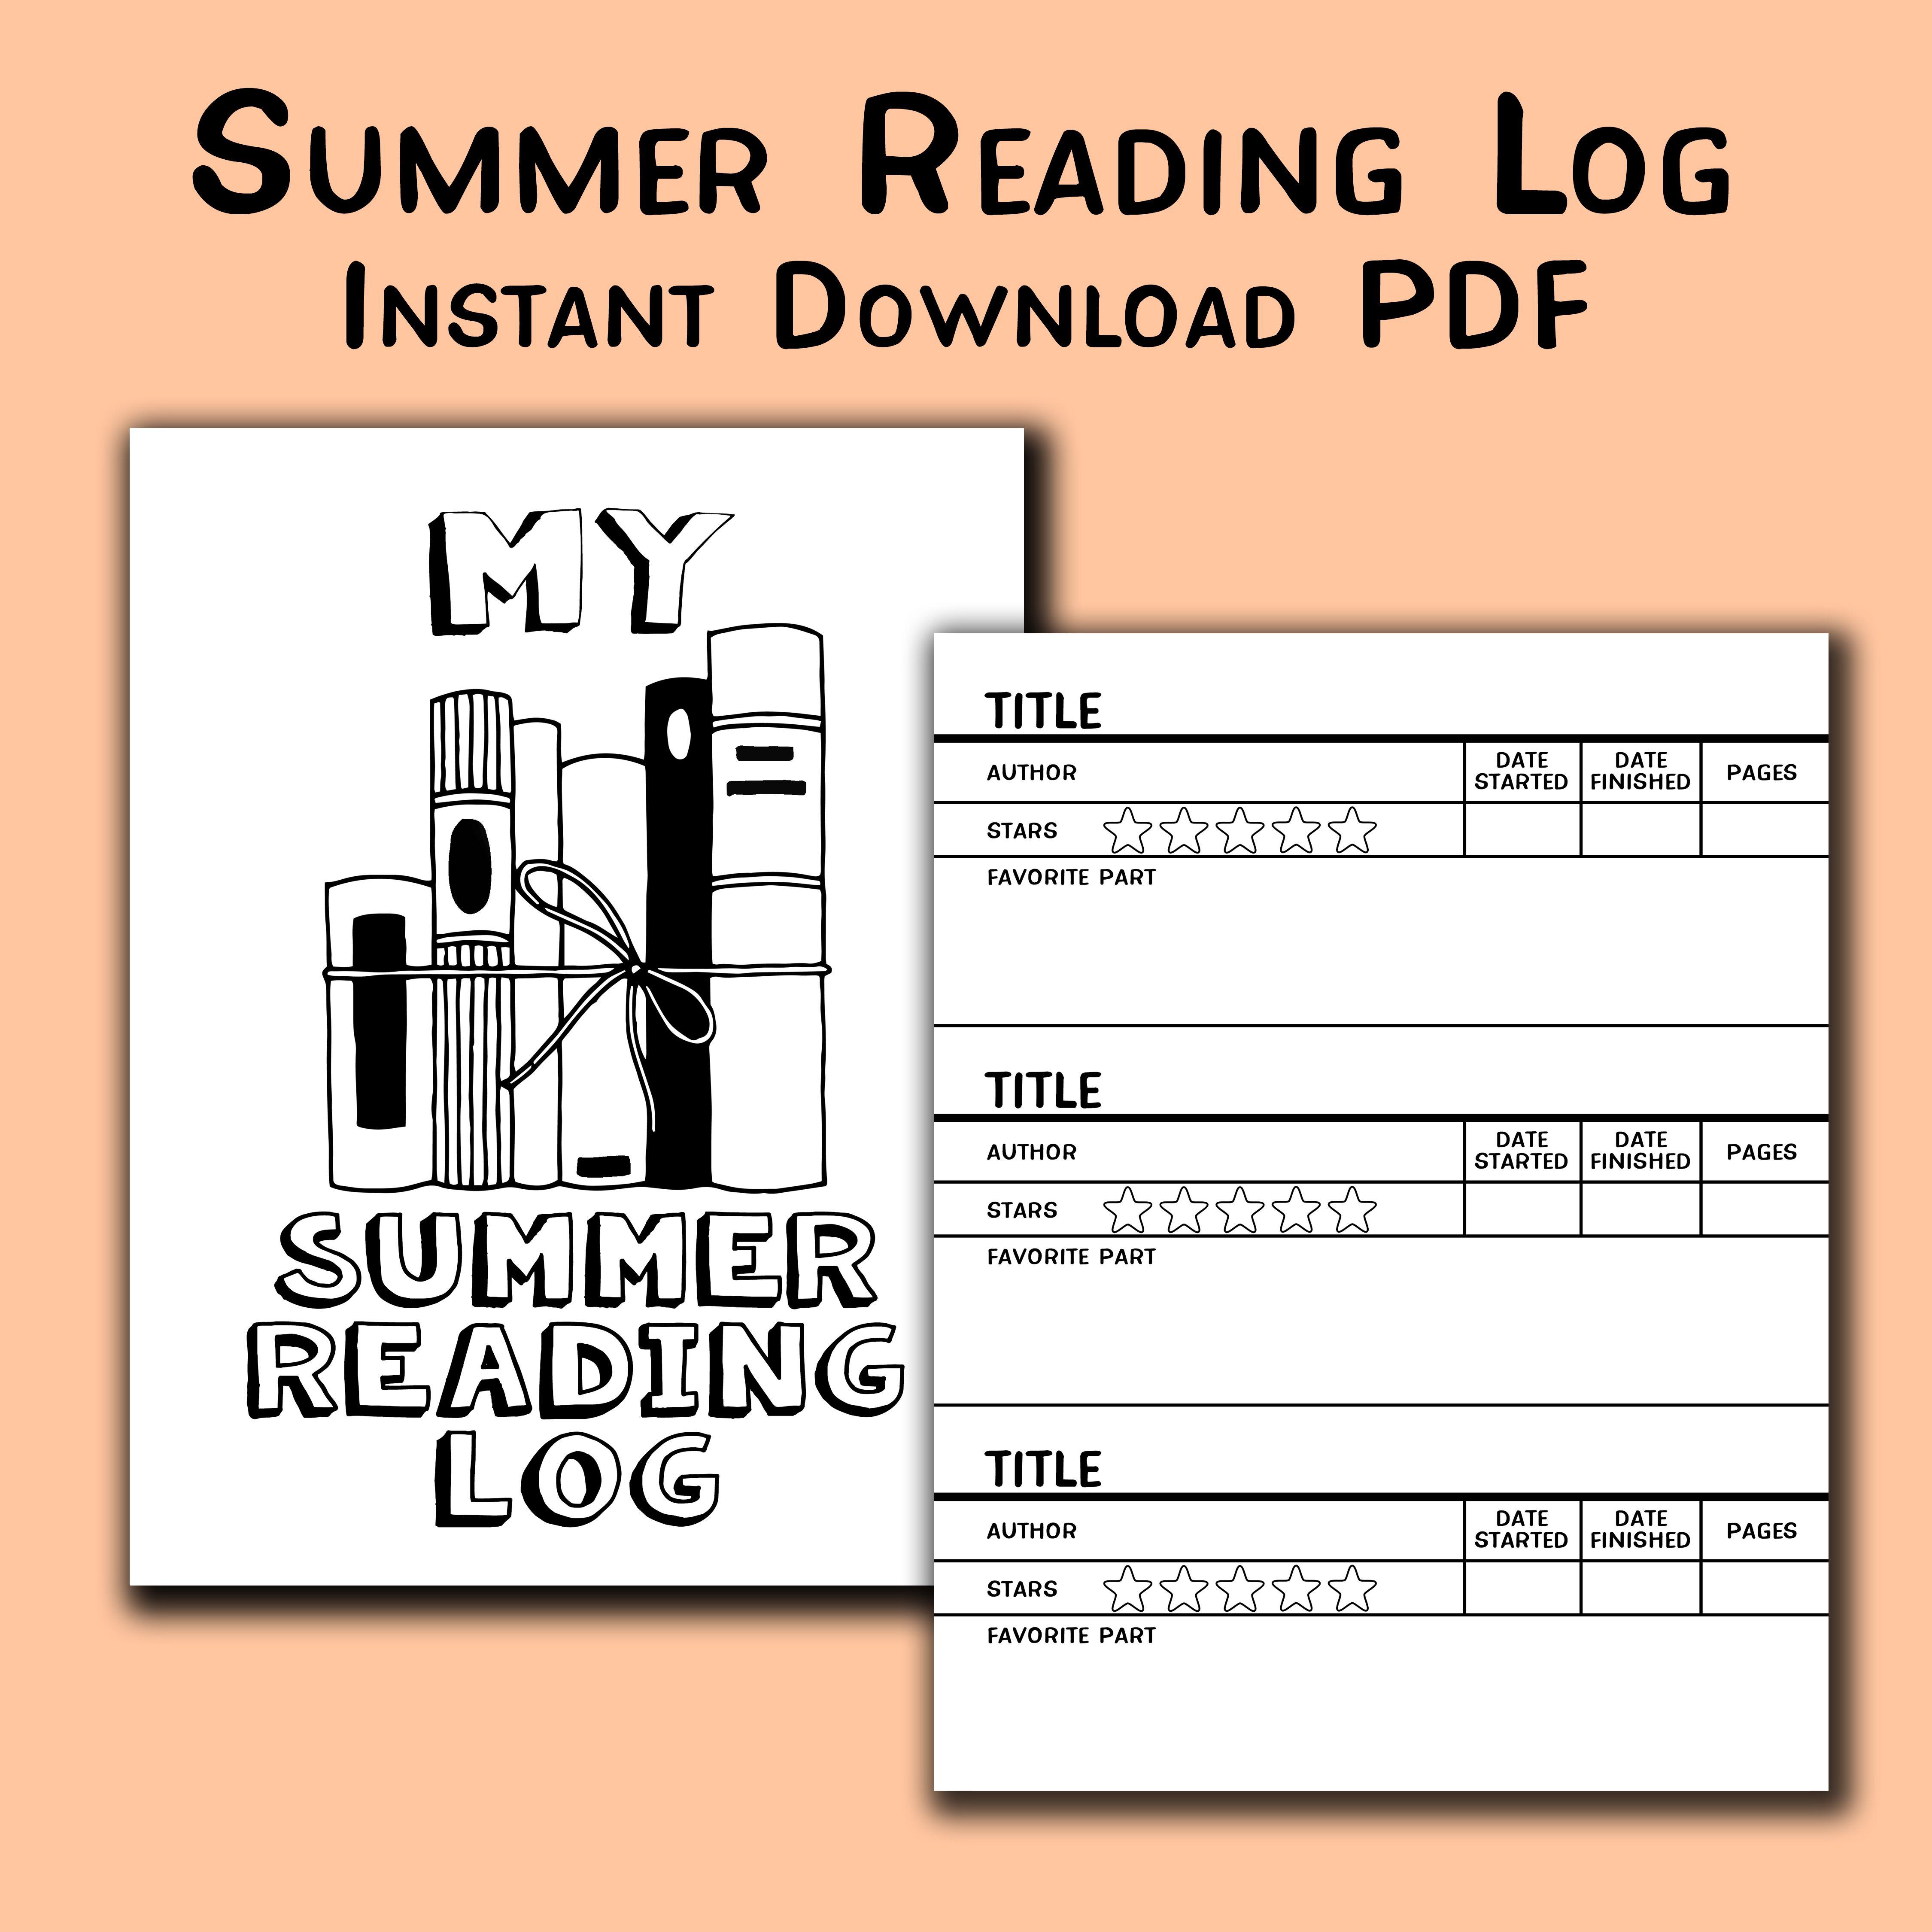 Summer Reading Log Printable Instant Download PDF